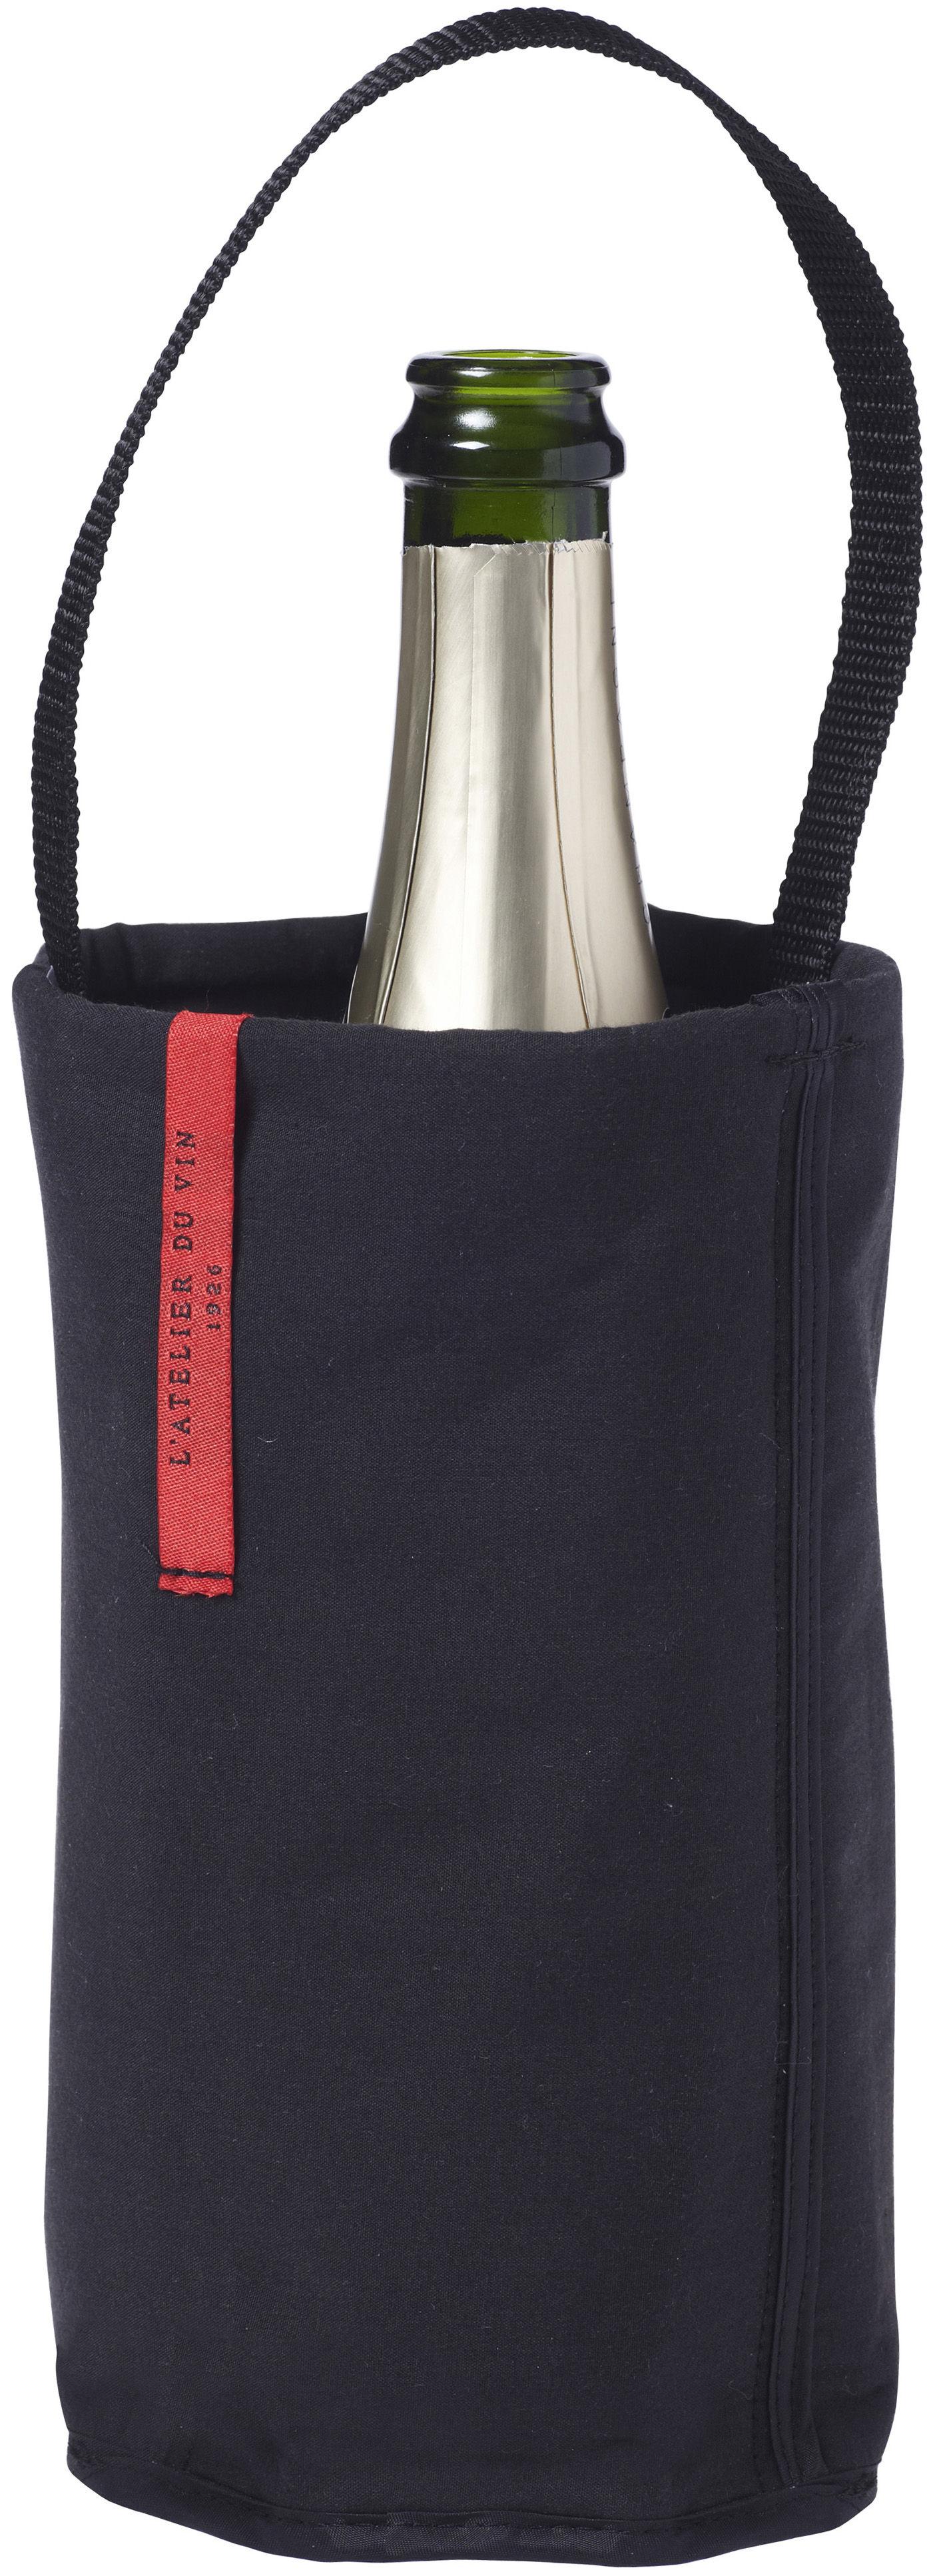 Tavola - Accessori  - Secchiello refrigerante Fresh Baladeur di L'Atelier du Vin - Nero - Cotone, Neoprene, Poliestere